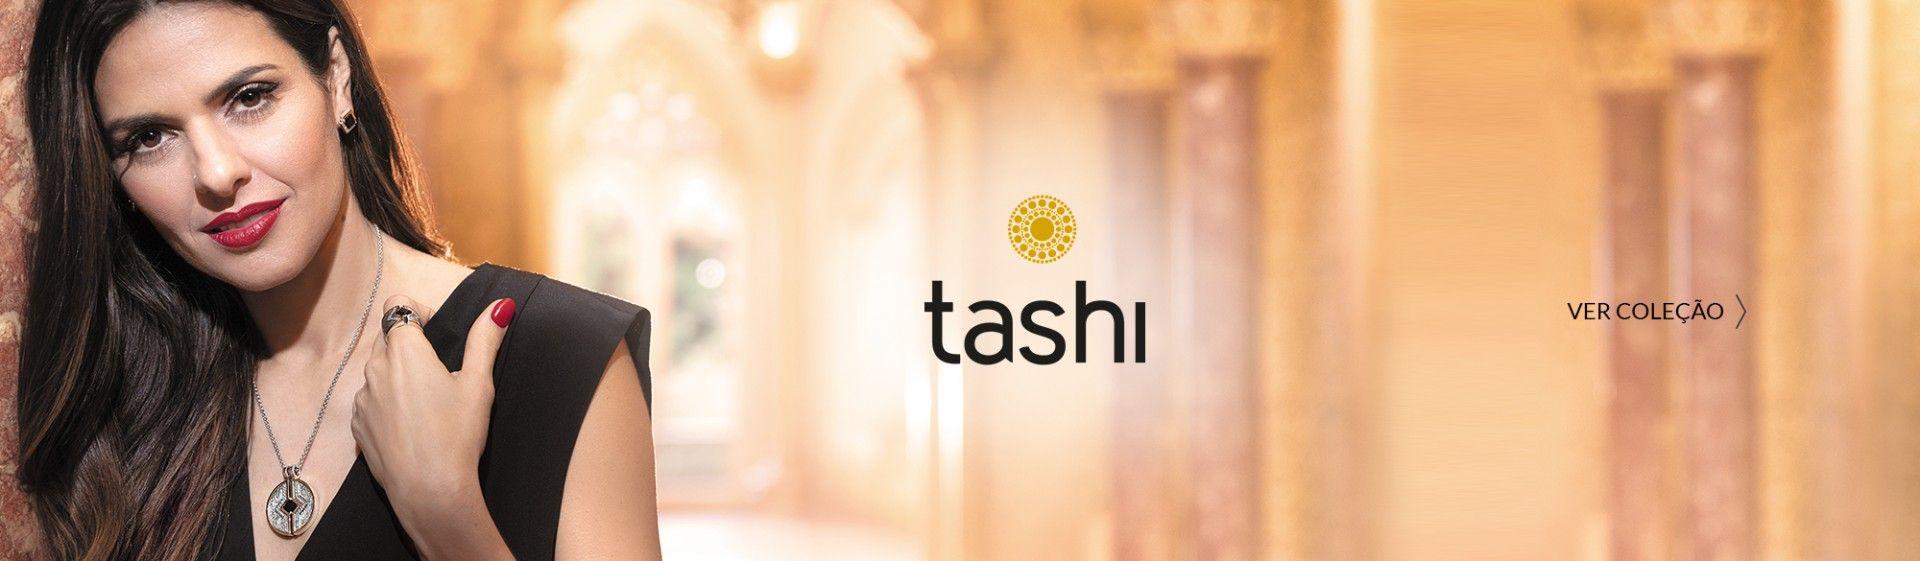 Joias Tashi - Coleção Marrakech